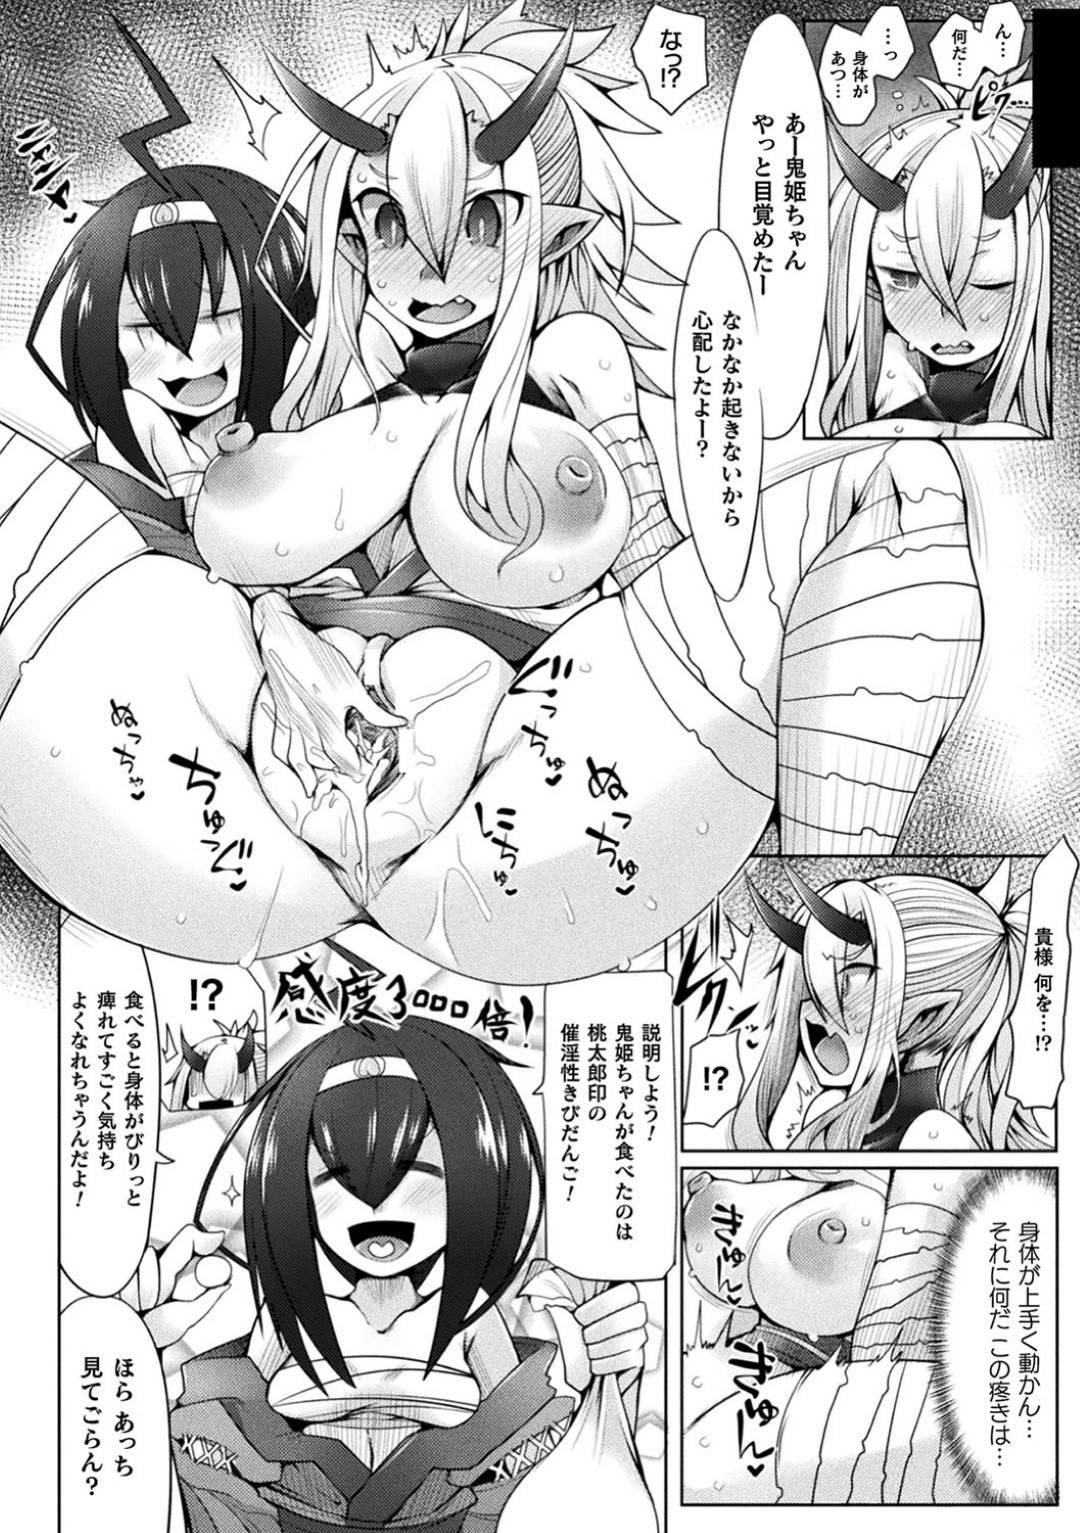 【エロ漫画】ふたなりな桃太郎に敗北してしまった鬼姫。媚薬入りのきび団子を食わされた彼女は抵抗する事ができなくなってしまい、欲情した桃太郎に巨根を挿入されて陵辱レイプを受ける羽目となる!